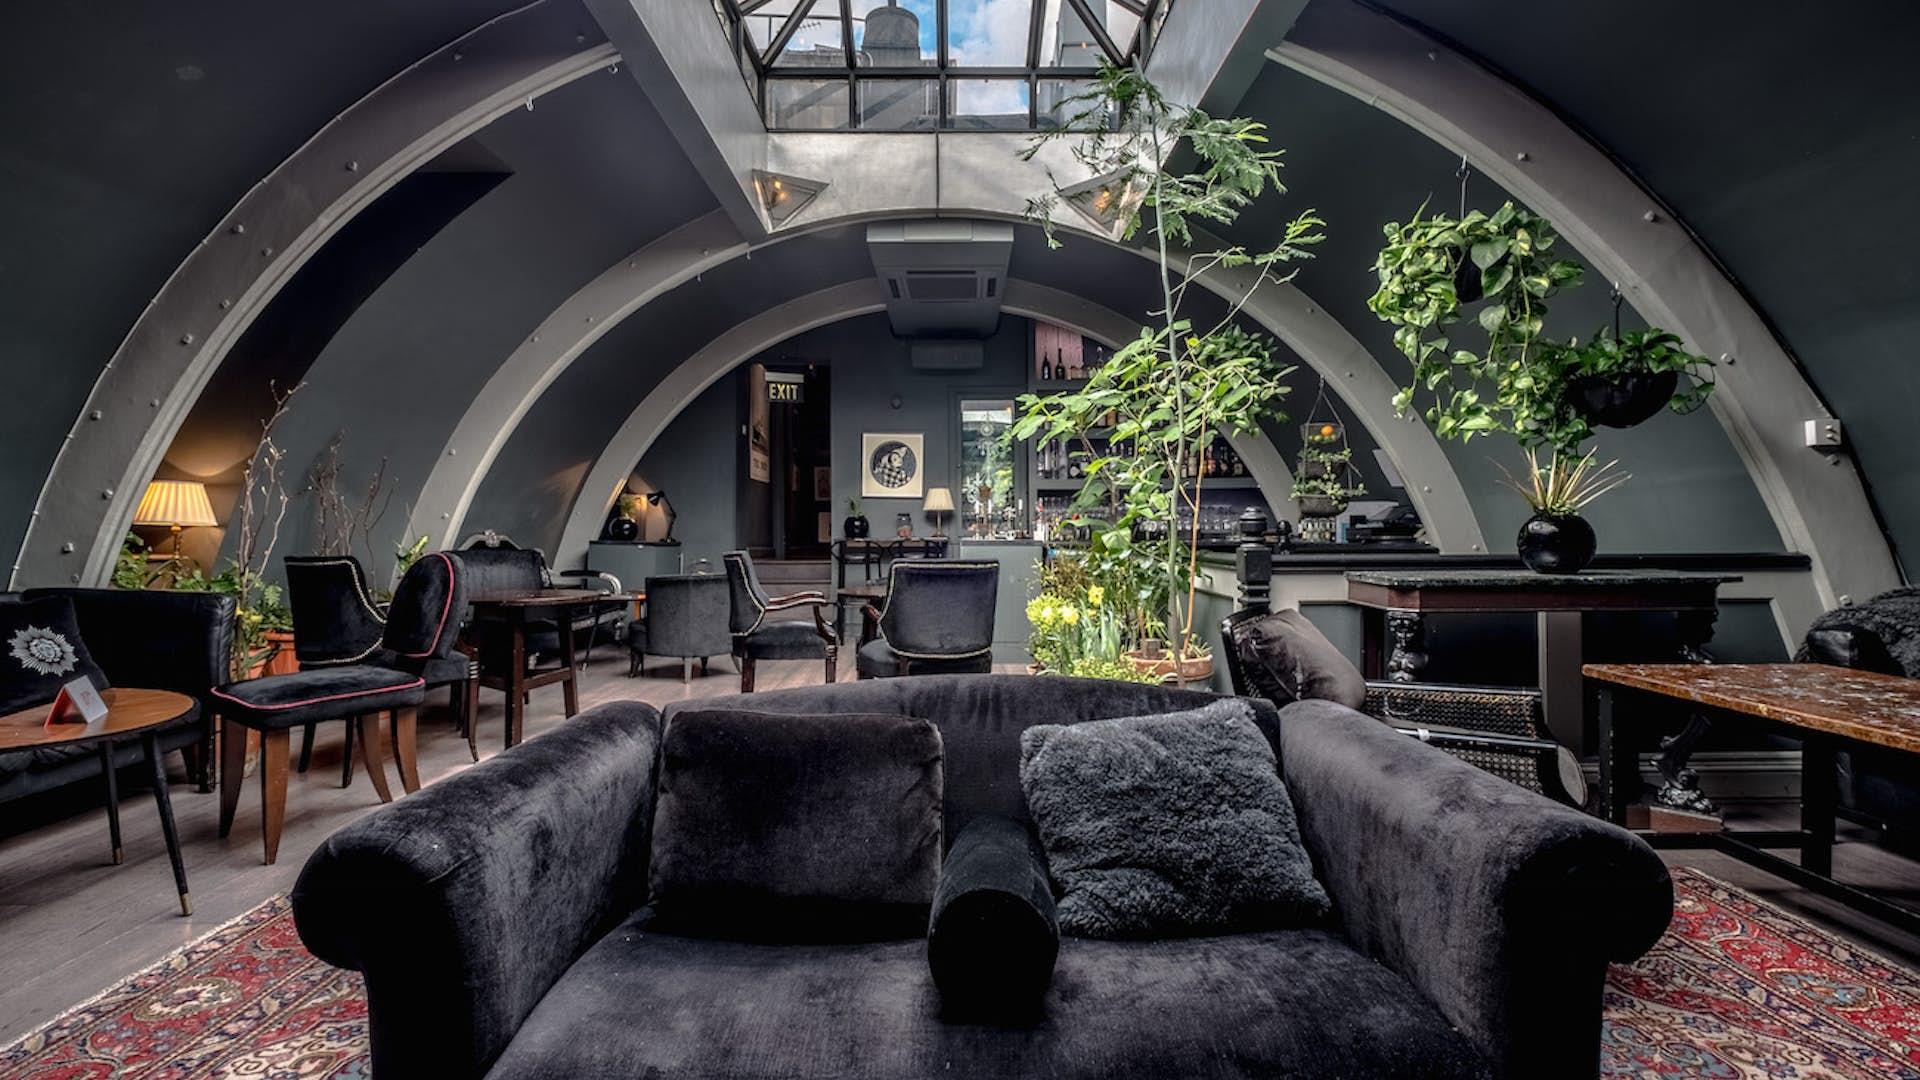 Le grand si cle salon noir pop up l 39 escargot - Le salon noir ...